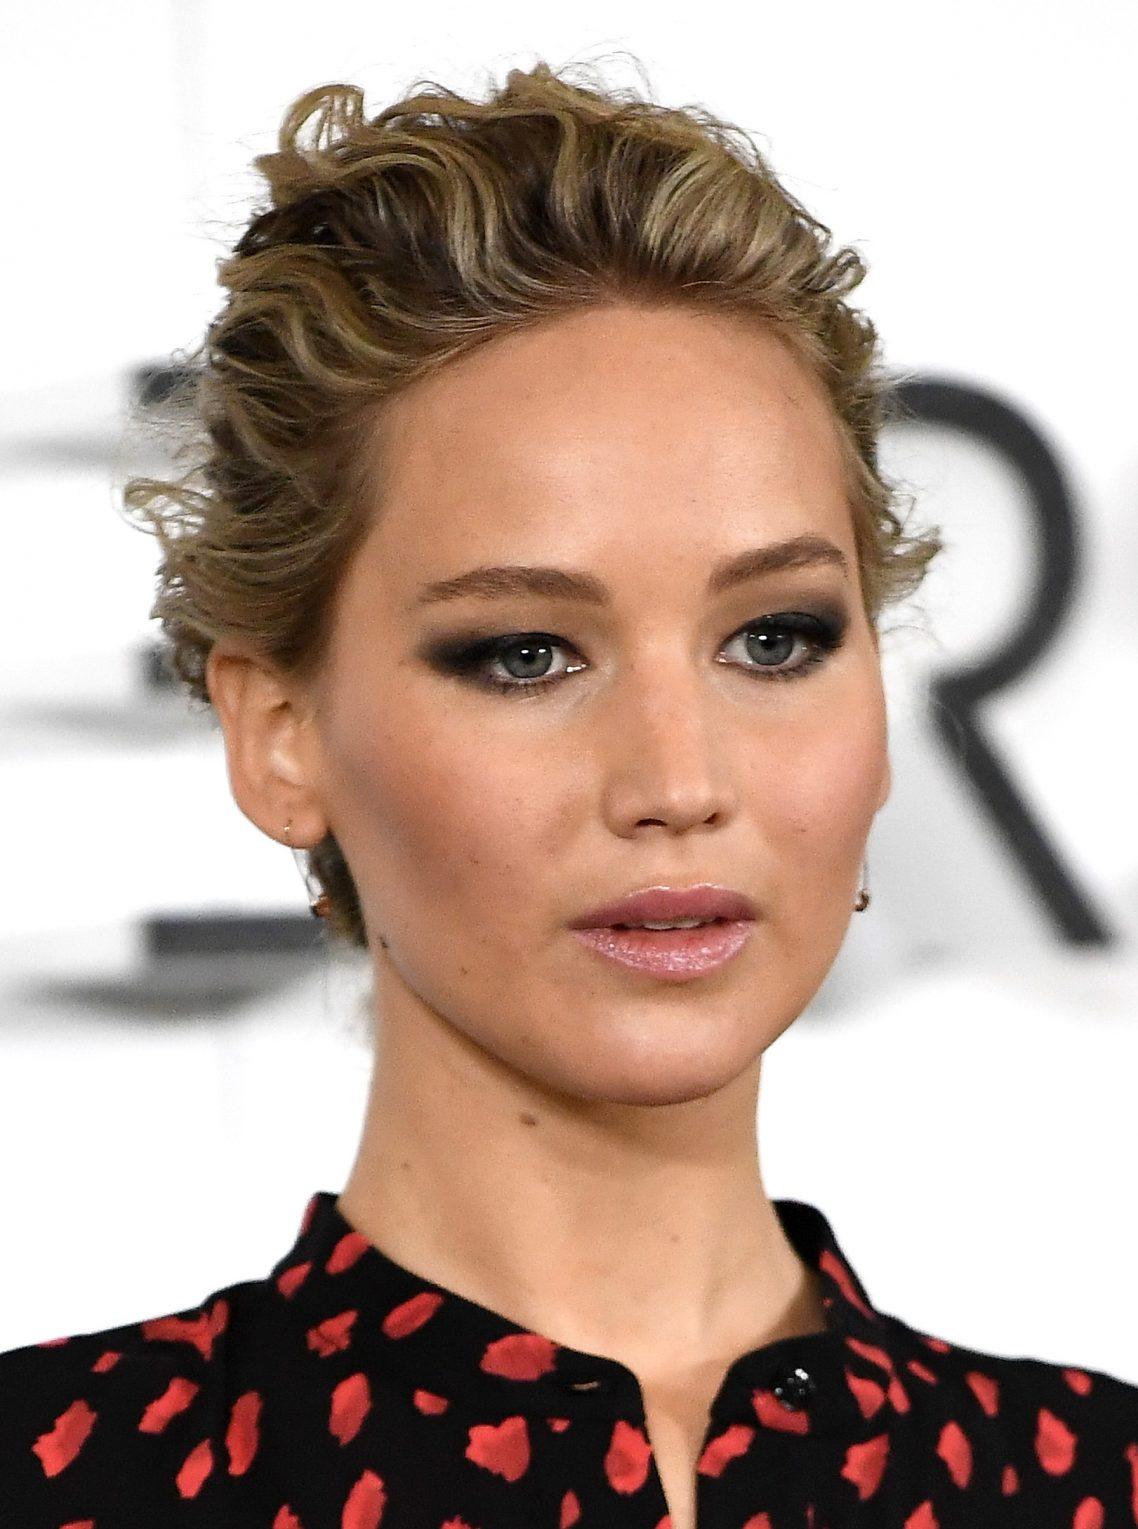 Jennifer Lawrence com olho esfumado preto mostrando que sim, pálpebra gordinha também fica bem com esfumado!!